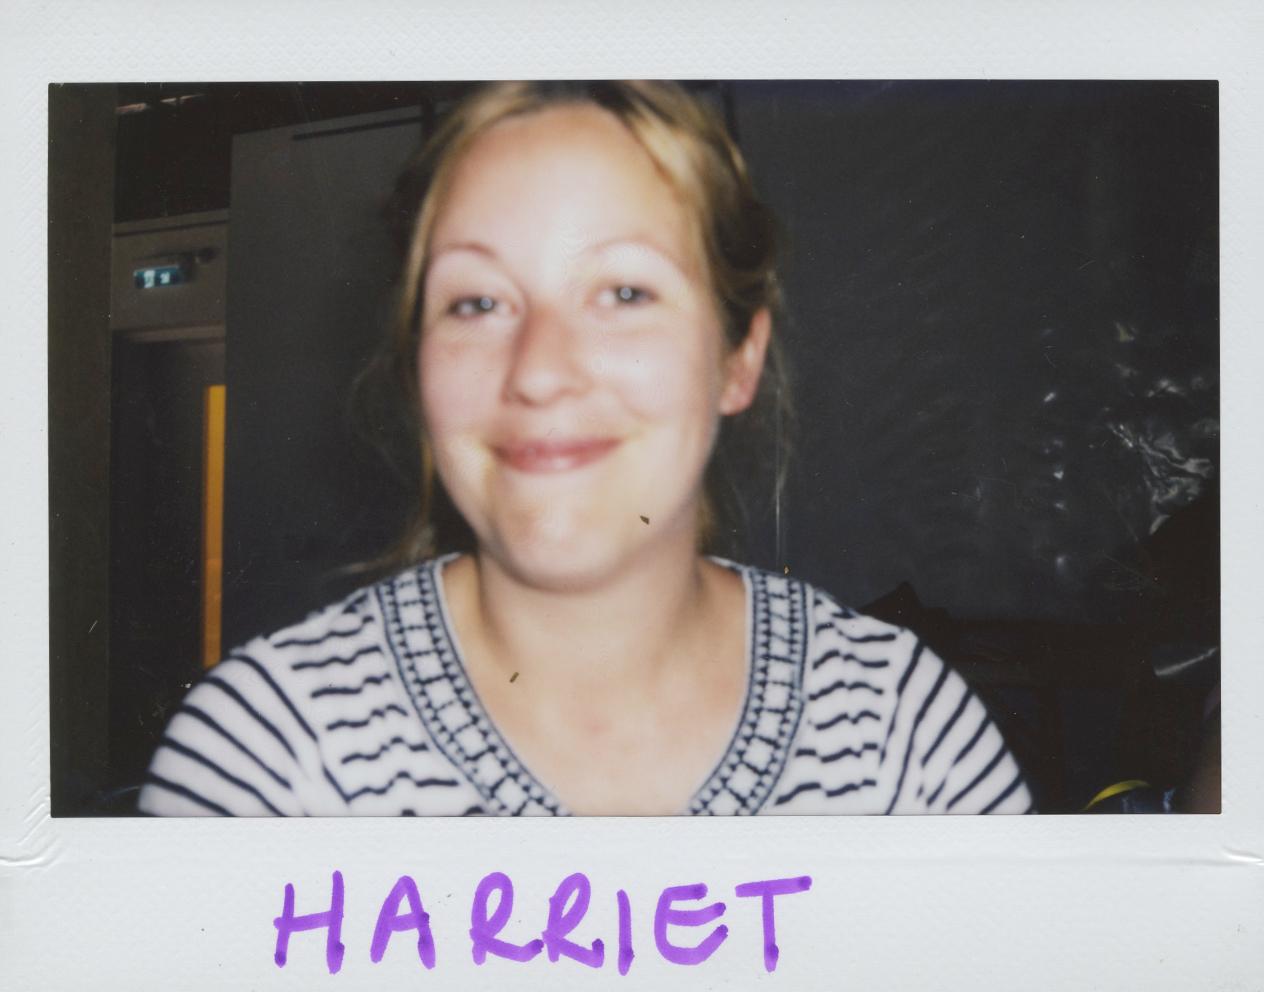 HARRIET_PWE-RS.jpg